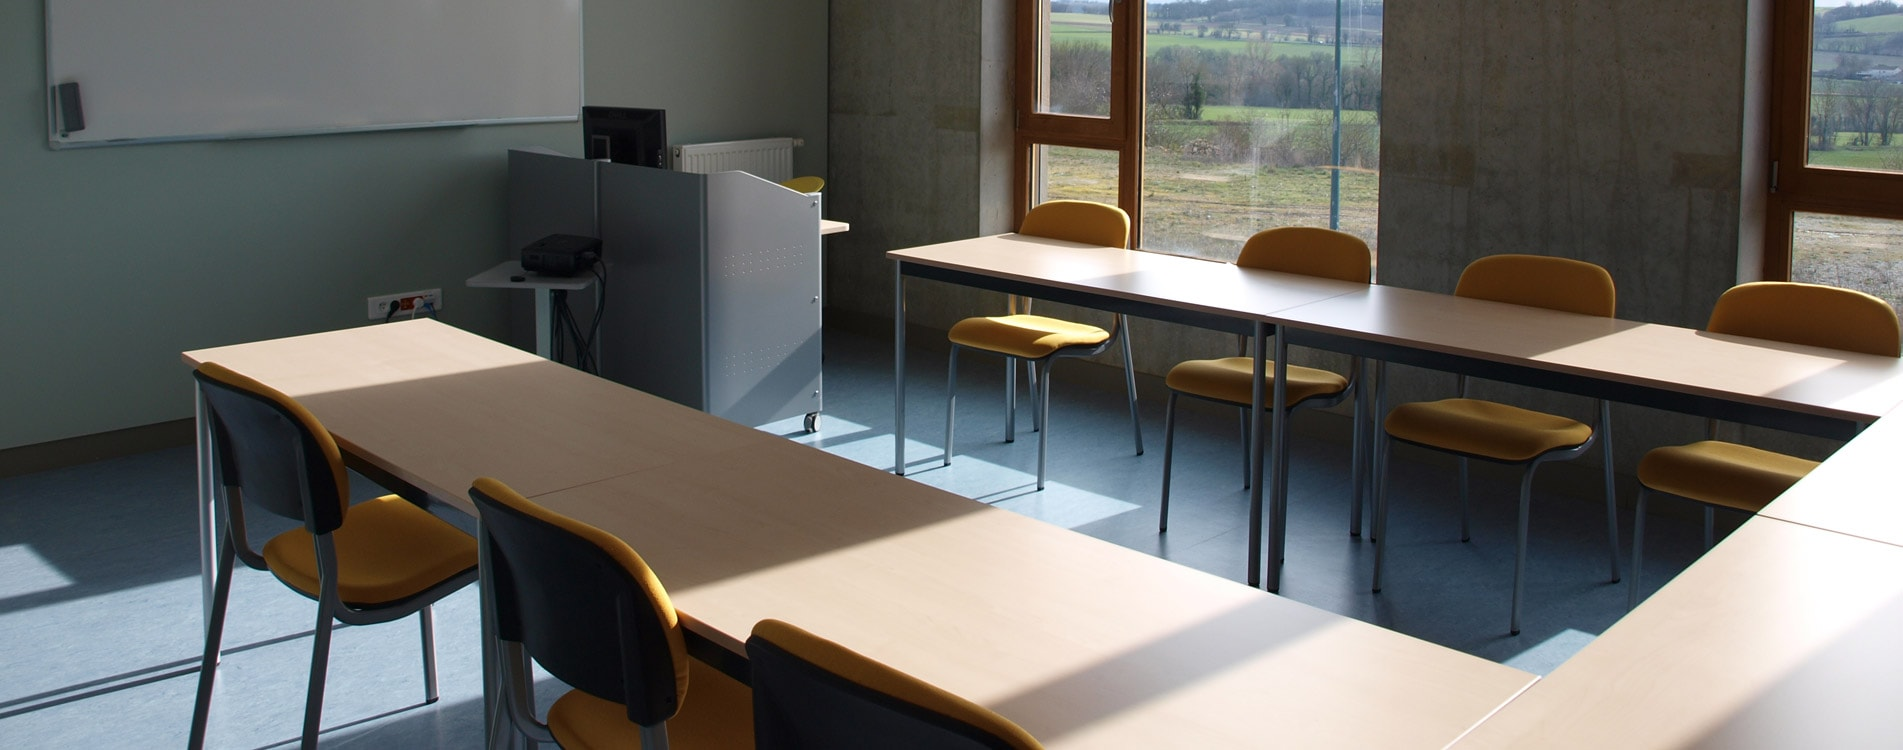 salle de cours HUTC